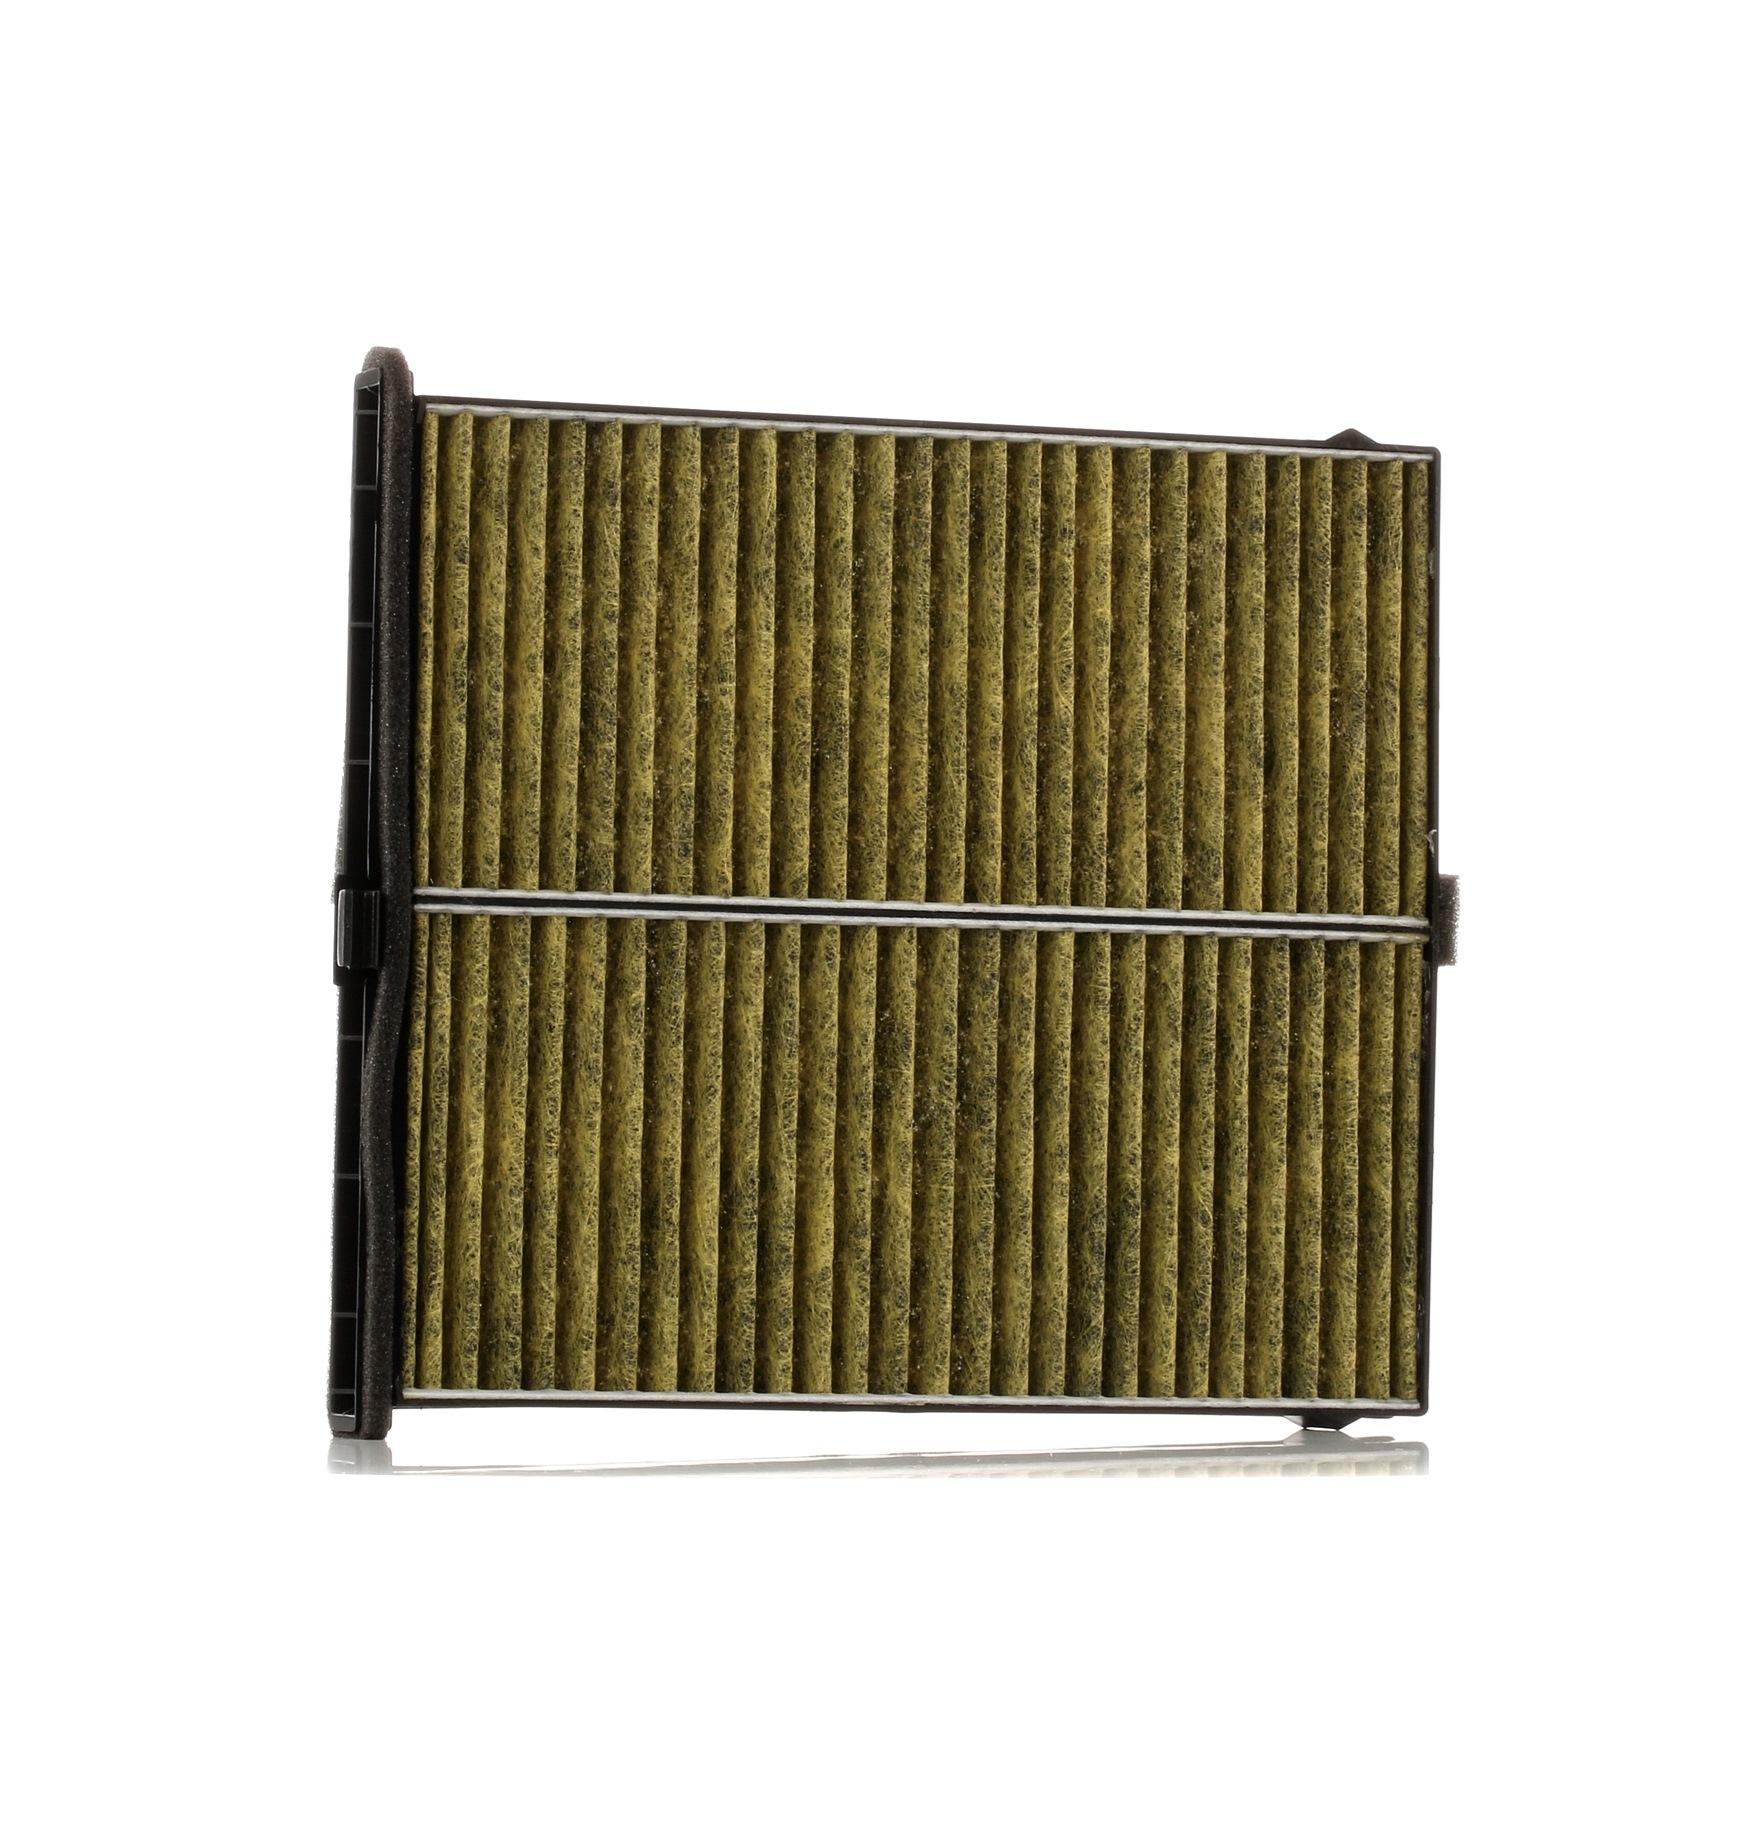 KAMOKA: Original Heizung fürs Auto 6080096 (Breite: 198mm, Höhe: 34mm, Länge: 225mm)